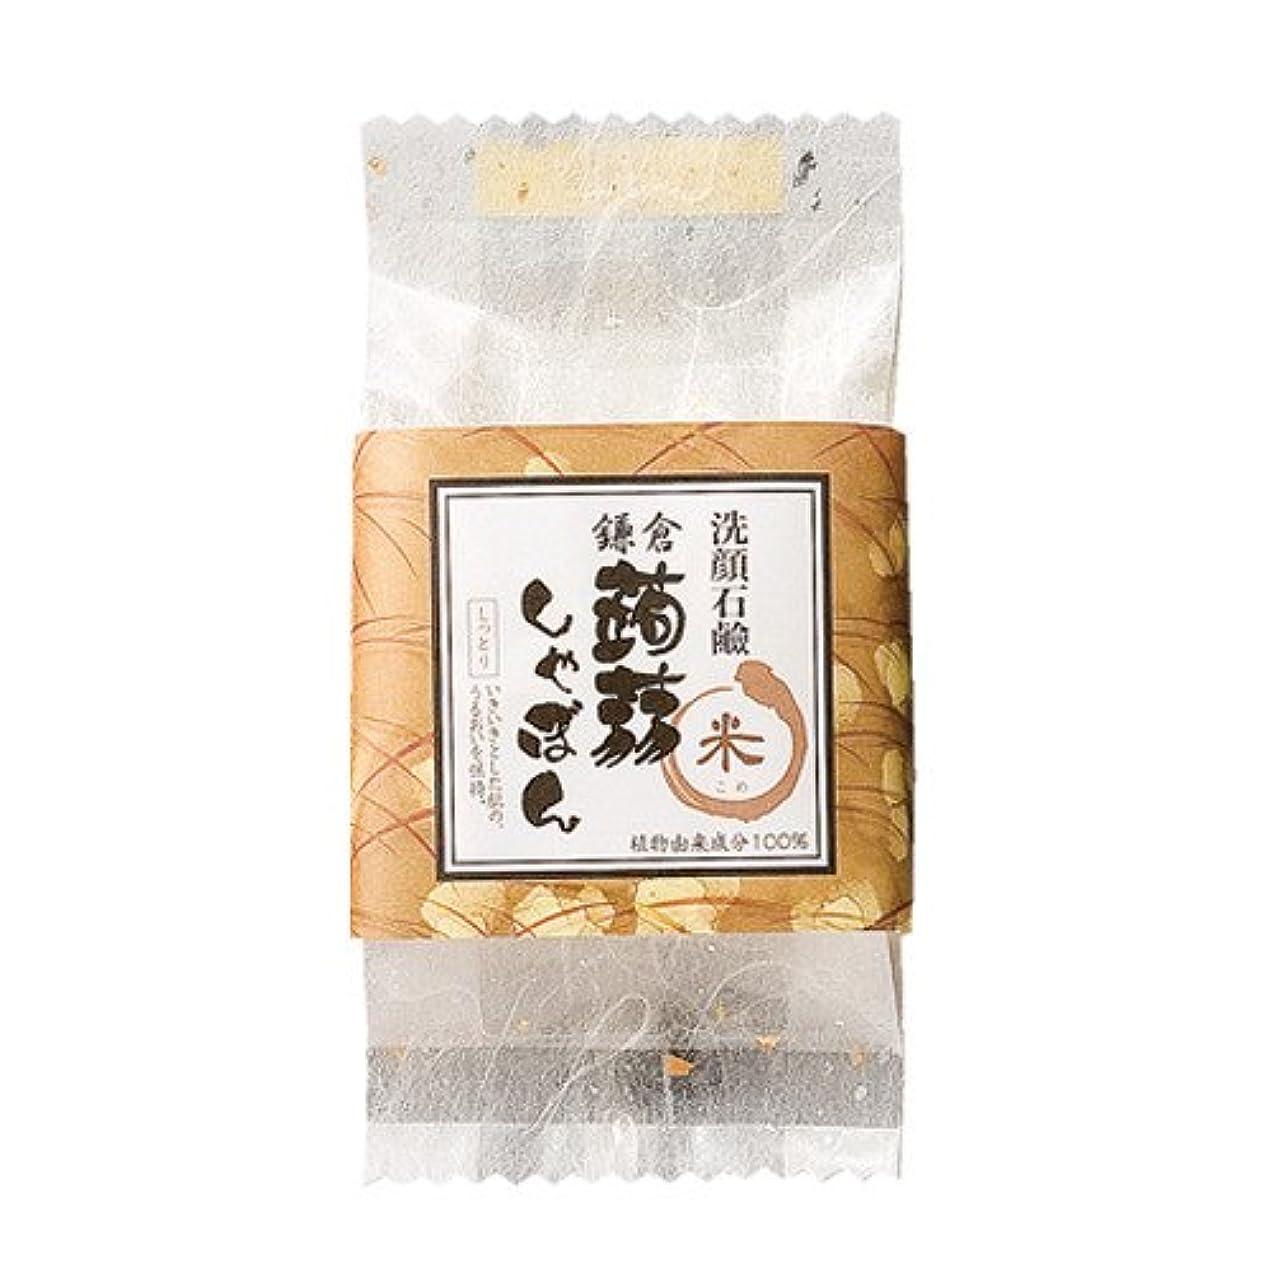 時間仲人心から鎌倉 蒟蒻しゃぼん 米